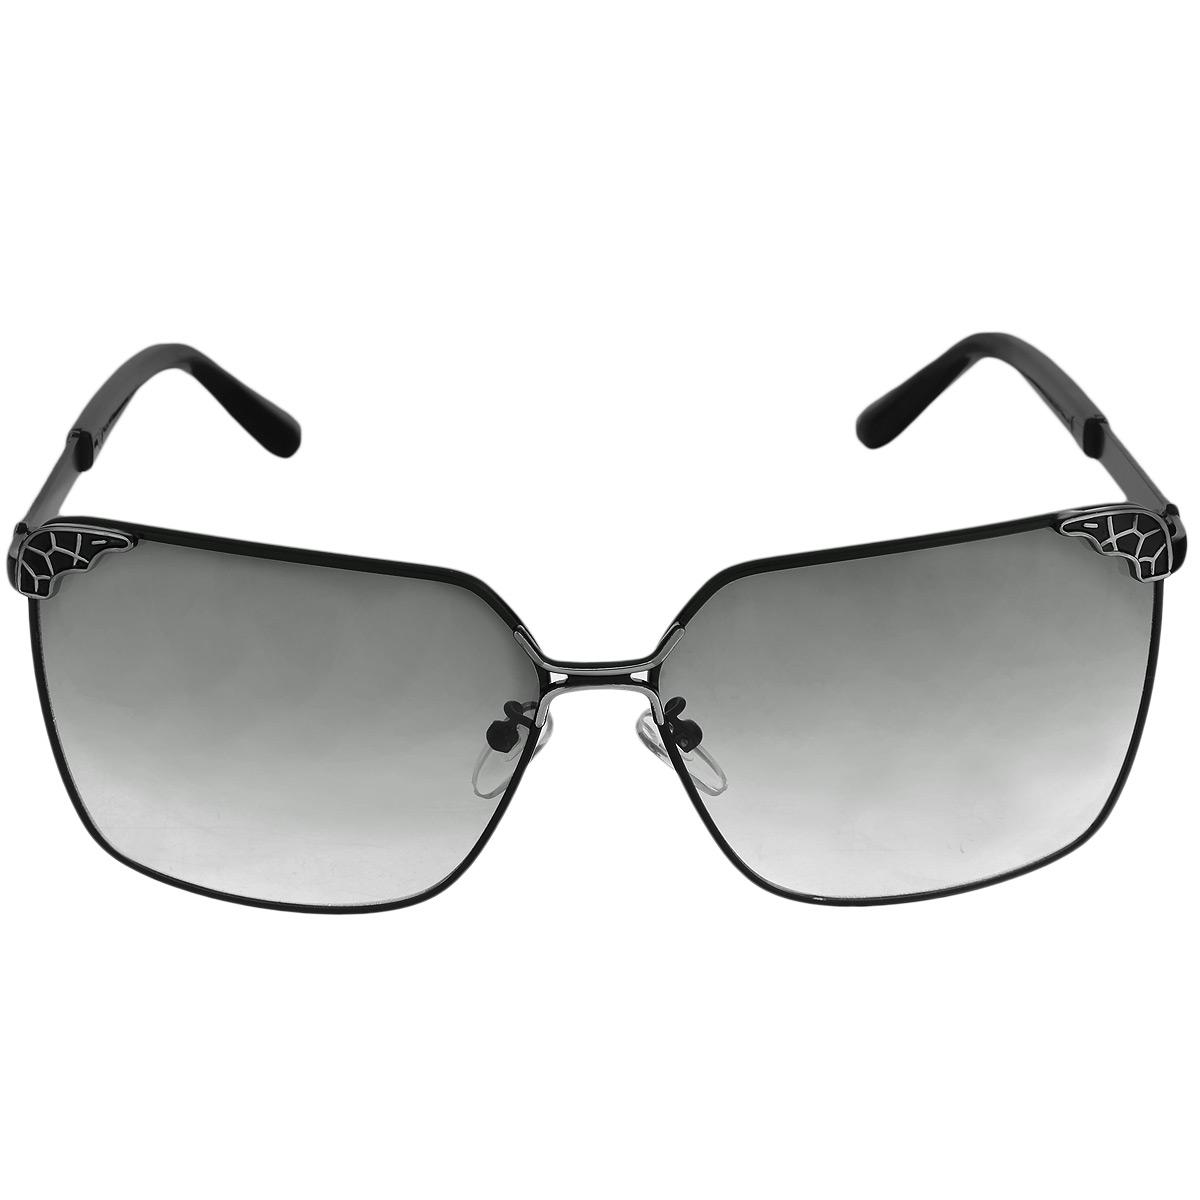 Солнцезащитные очки женские Selena, цвет: черный. 8003137180031371Солнцезащитные очки Selena, выполненные с линзами из высококачественного пластика PC с зеркальным эффектом fresh mirror, оправа оформлена декоративным узором рептилия. Используемый пластик не искажает изображение, не подвержен нагреванию и вредному воздействию солнечных лучей. Линзы данных очков с высокоэффективным UV-фильтром обеспечивают полную защиту от ультрафиолетовых лучей. Металлическая оправа очков легкая, прилегающей формы и поэтому не создает никакого дискомфорта. Такие очки защитят глаза от ультрафиолетовых лучей, подчеркнут вашу индивидуальность и сделают ваш образ завершенным.